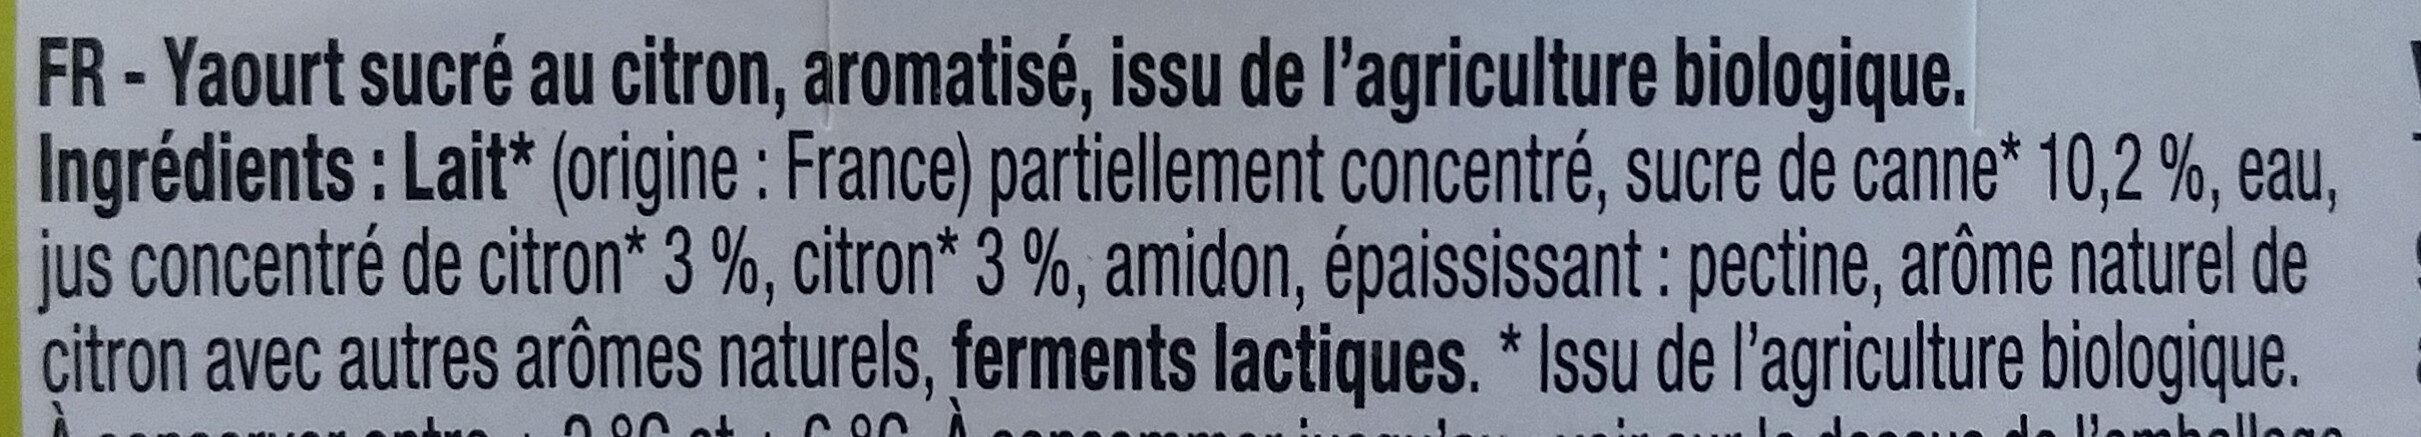 Yaourt sucré citron - Ingrédients - fr